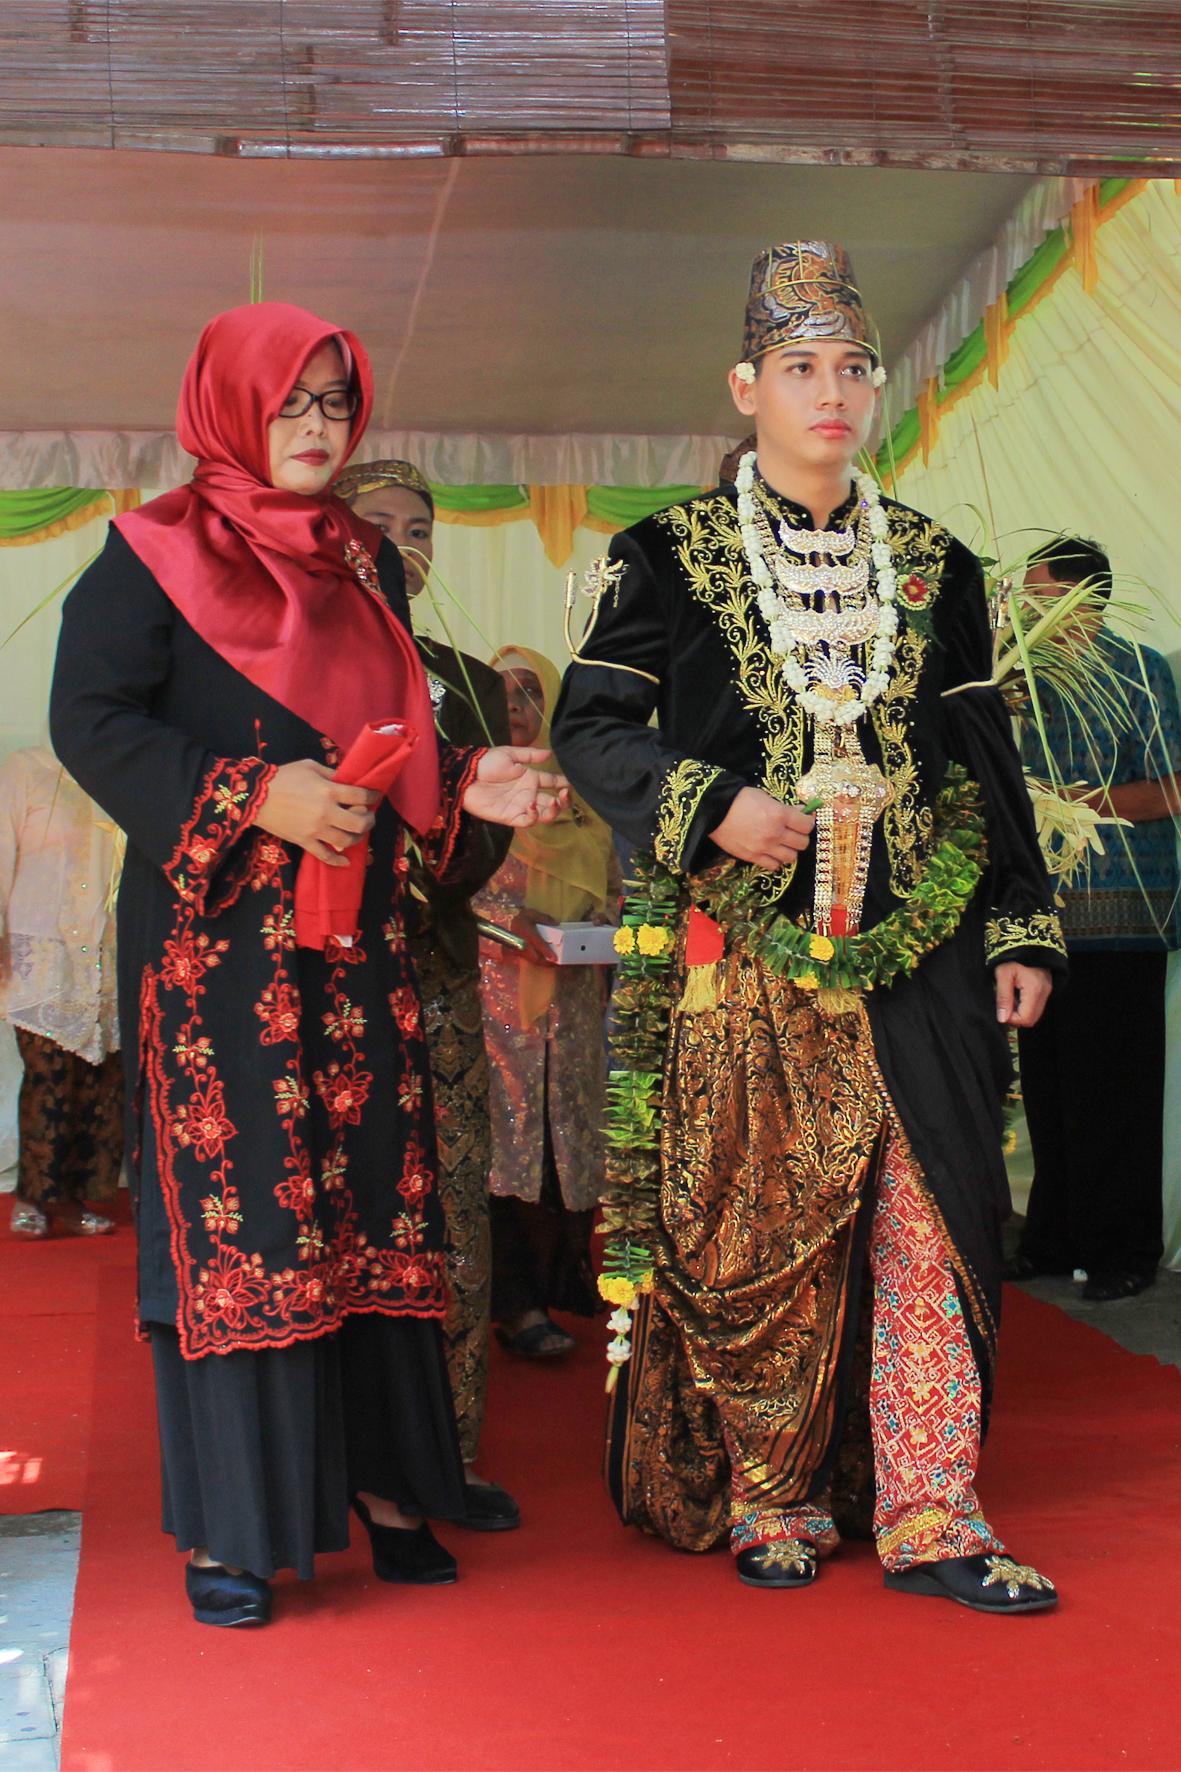 Foto Pengantin Jawa : pengantin, File:Busana, Pengantin, Ageng, Kanigaran.jpg, Wikimedia, Commons